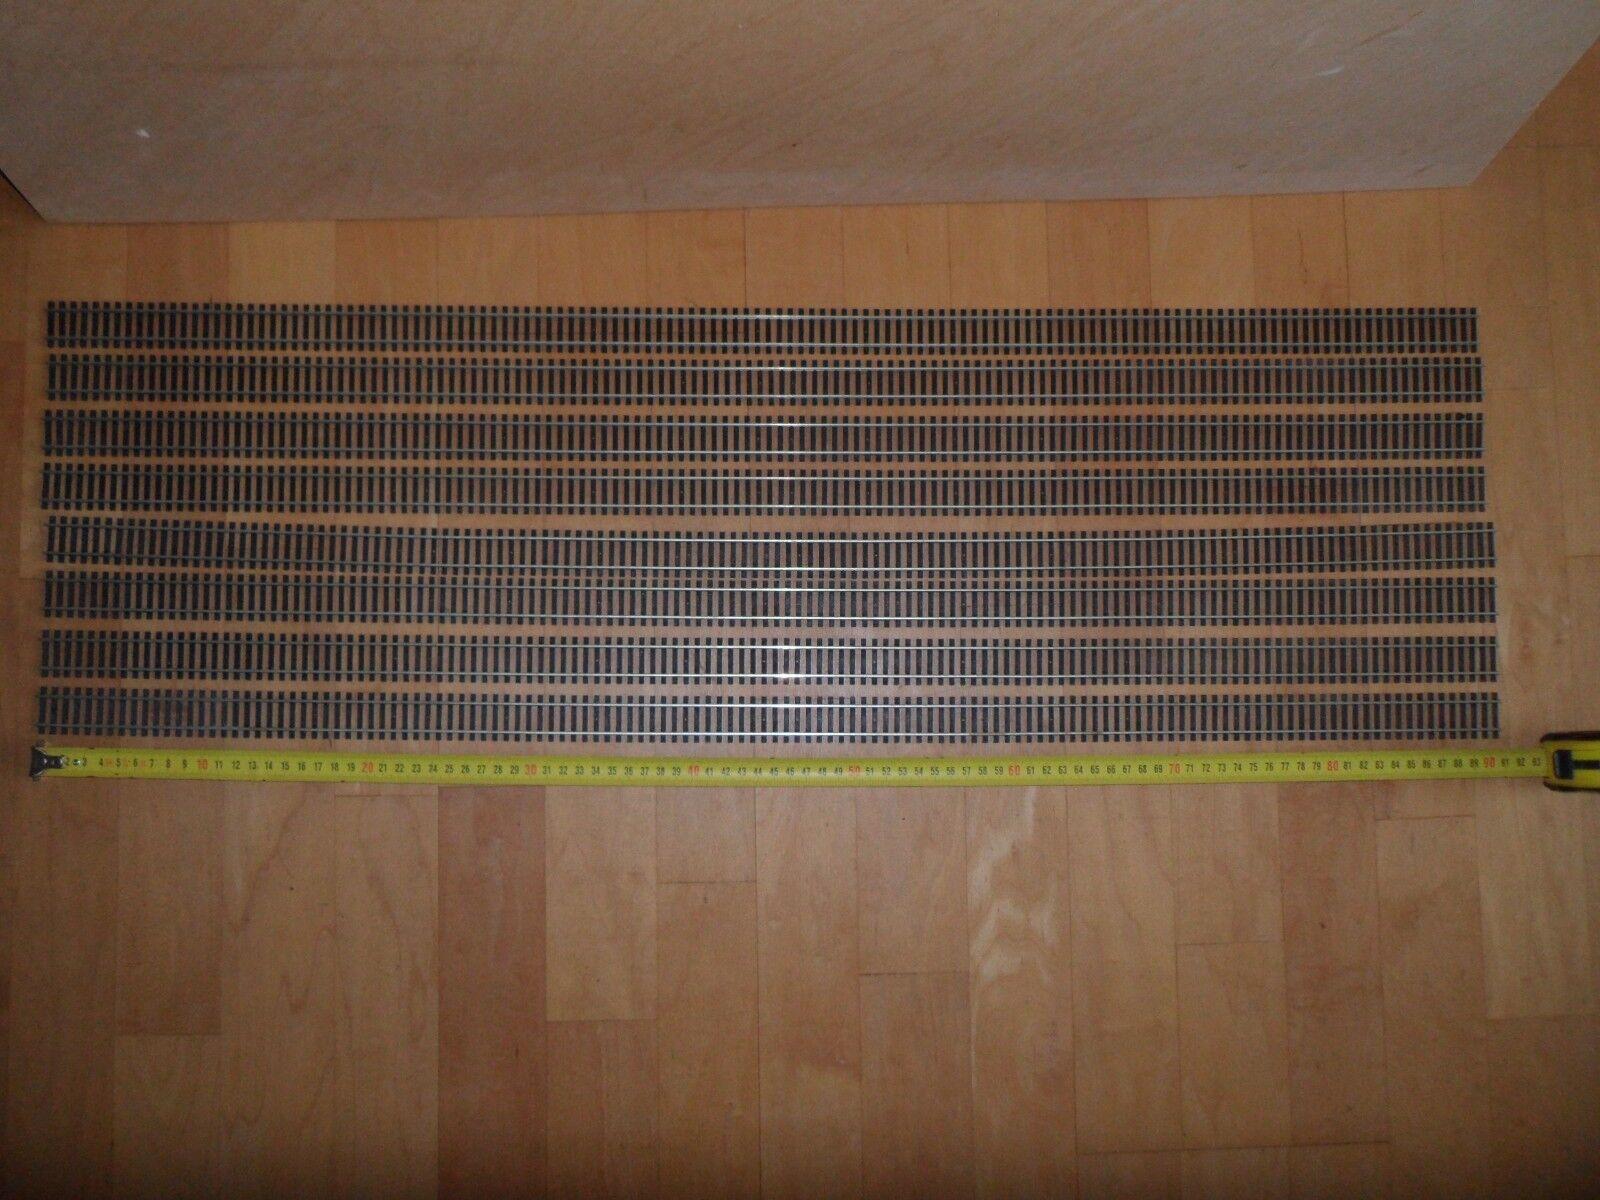 H0 Roco 42201 Flexgleis 90 cm 8 pieces 0043